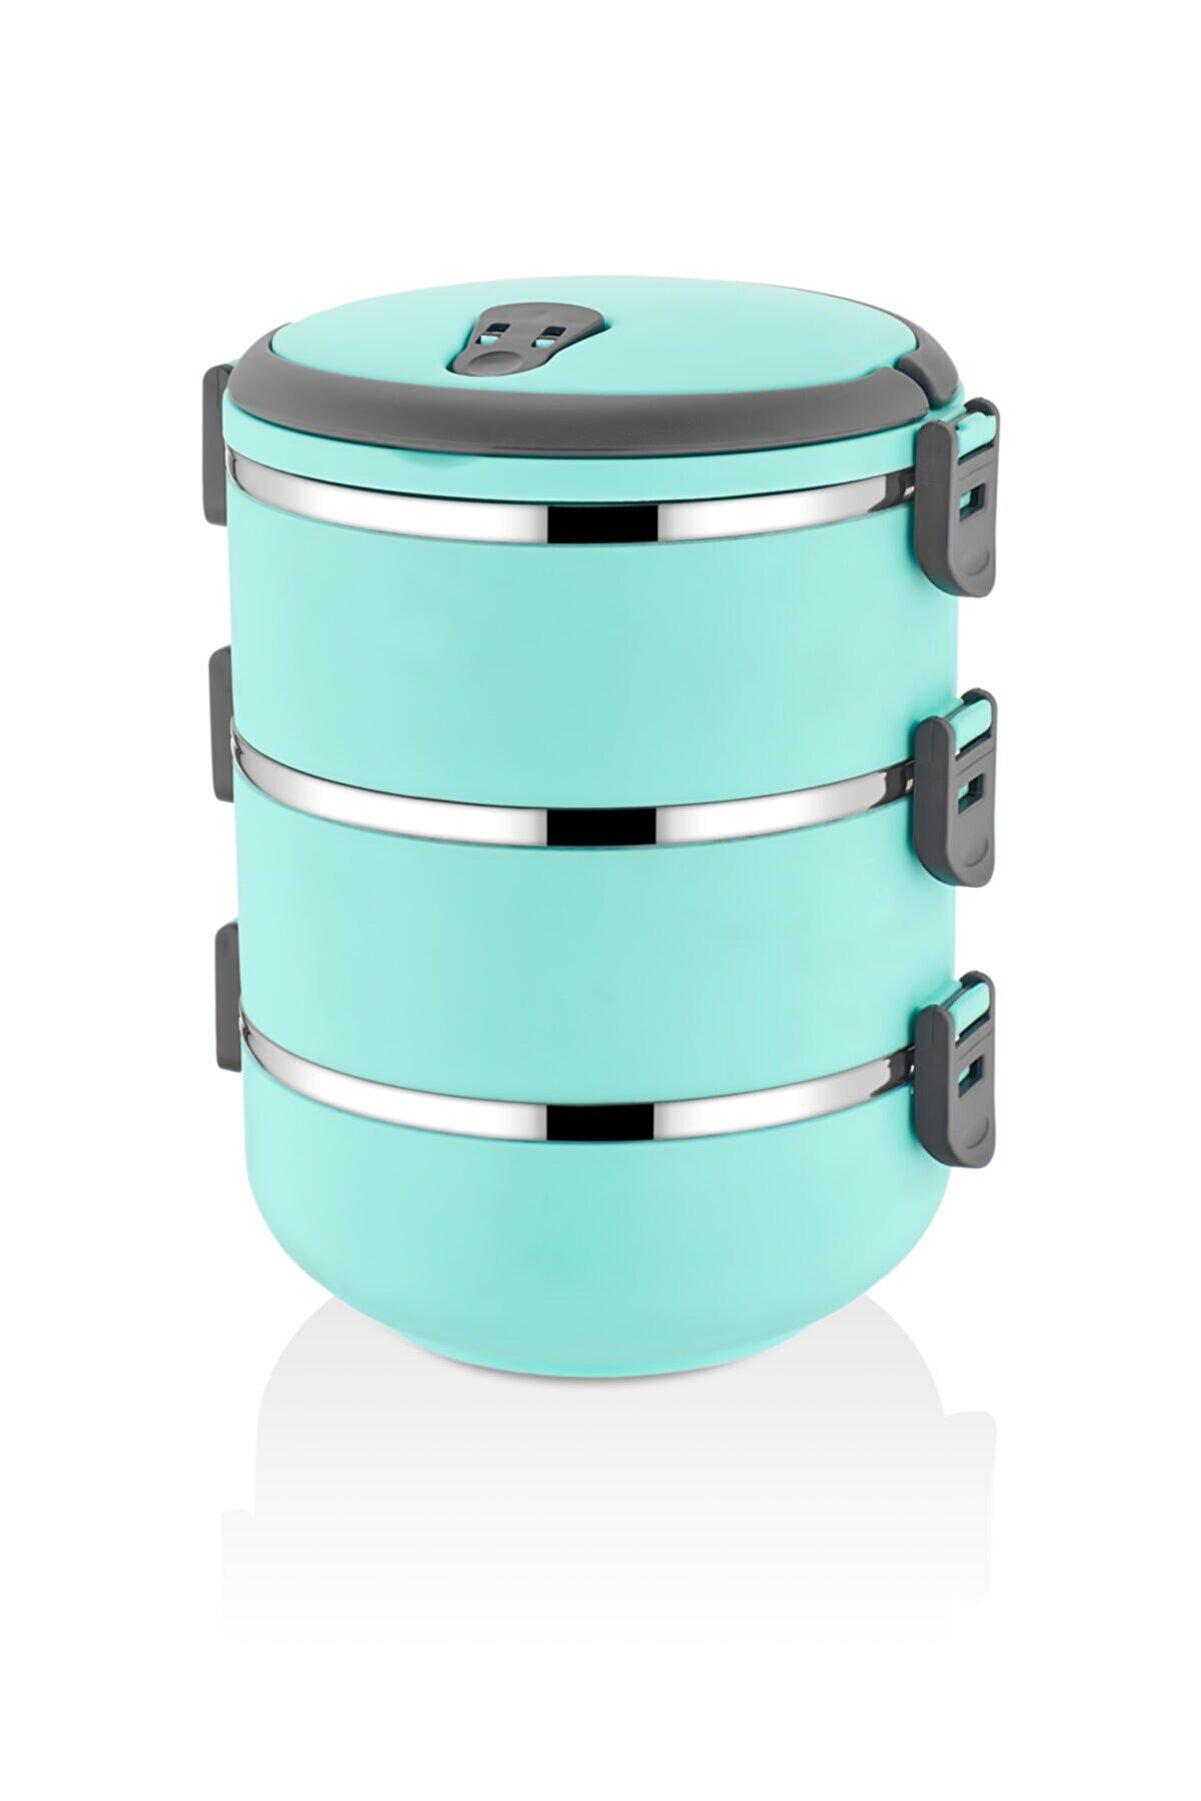 FreshBox 3 Katlı Sızdırmaz Yemek Termosu Sefer Tası Saklama Kabı Turkuaz 2,25 Litre